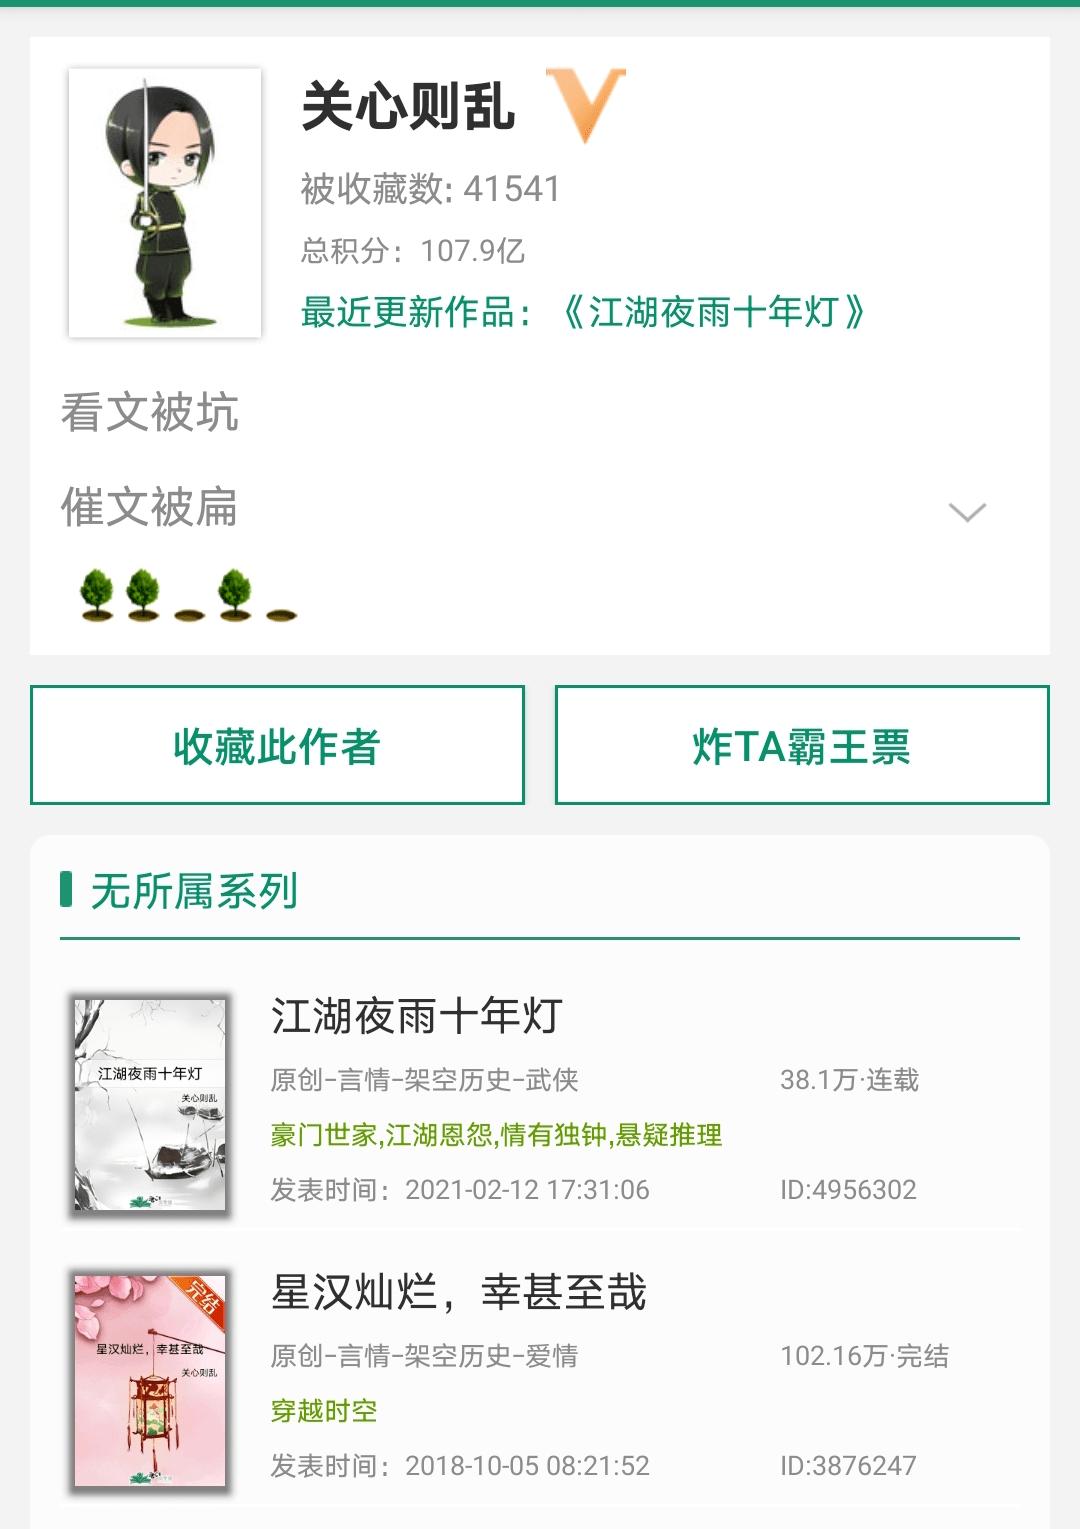 赵露思、吴磊要合作新剧了?跟《知否》同一个作者,吴磊疑被压番